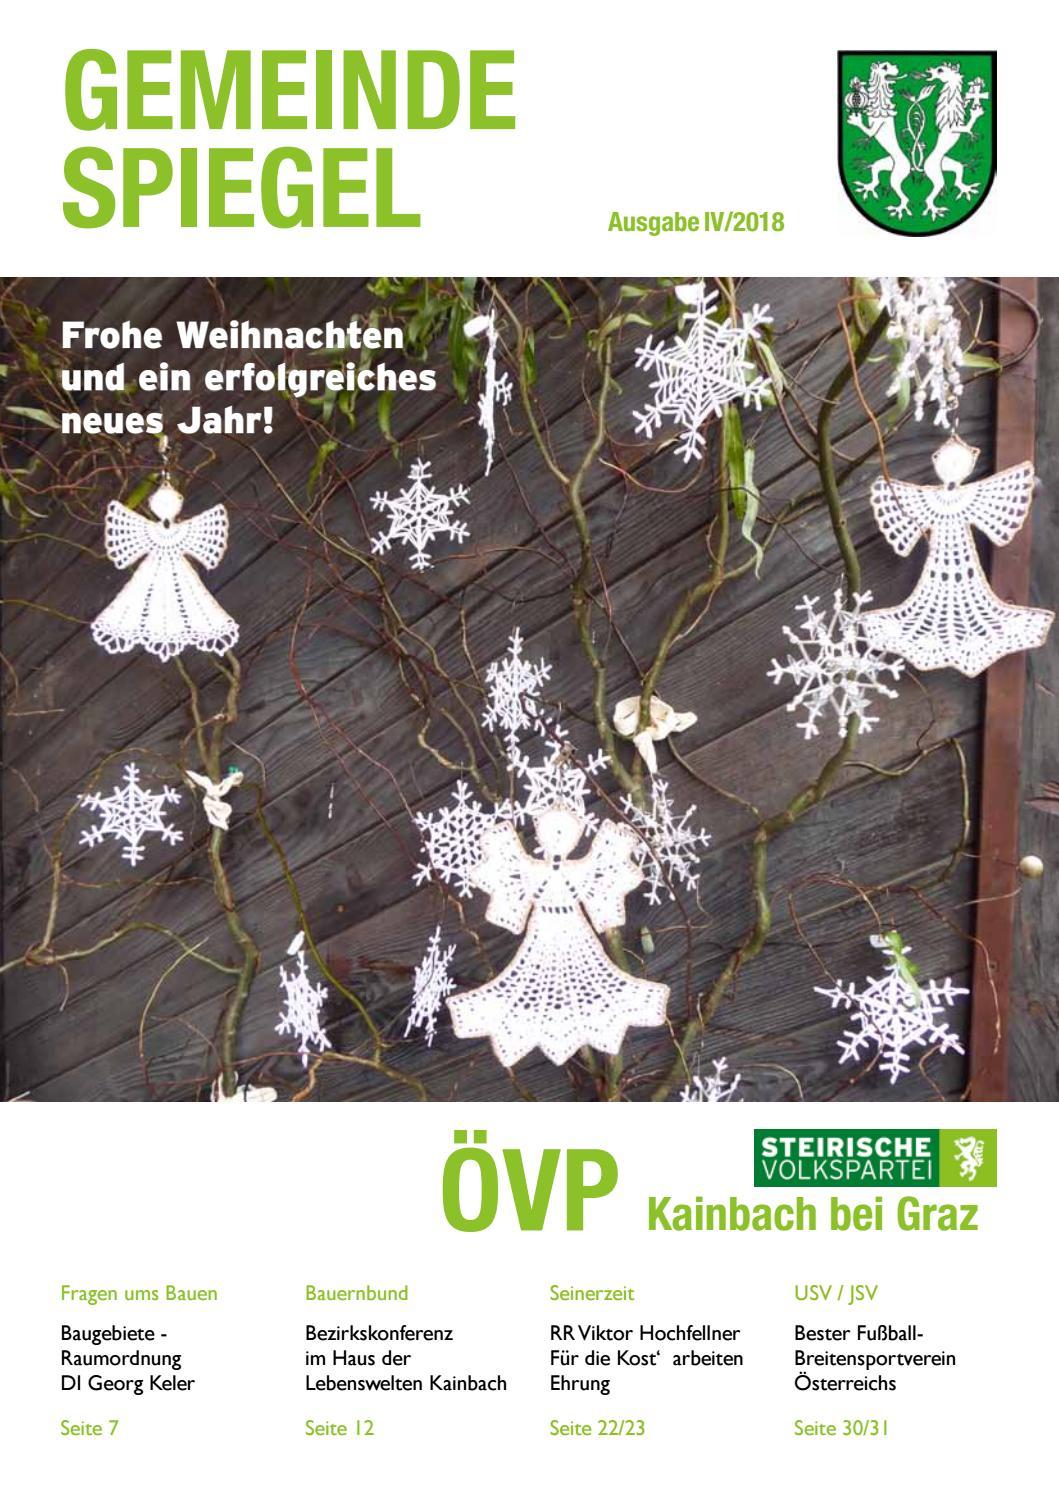 Sie sucht Ihn, Kontaktanzeigen Graz Umgebung, Seite 4 von 5